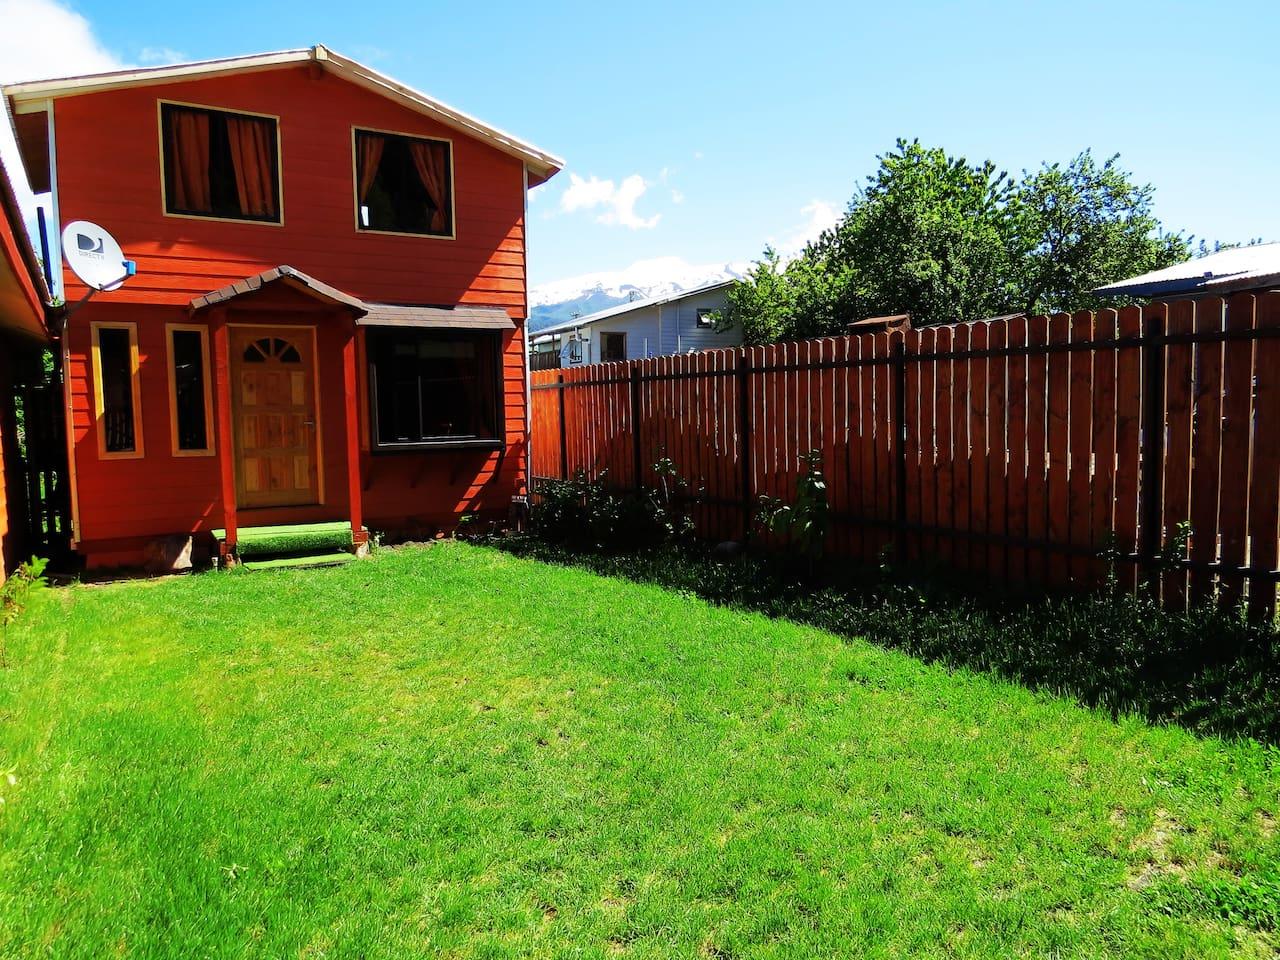 """Cabaña """" Los Coigues 2308 """". Alojamiento con todo sus servicios disponible , se asemeja mas a una casa que cabaña por su terminaciones finas. Visitamos y compruébalo ."""